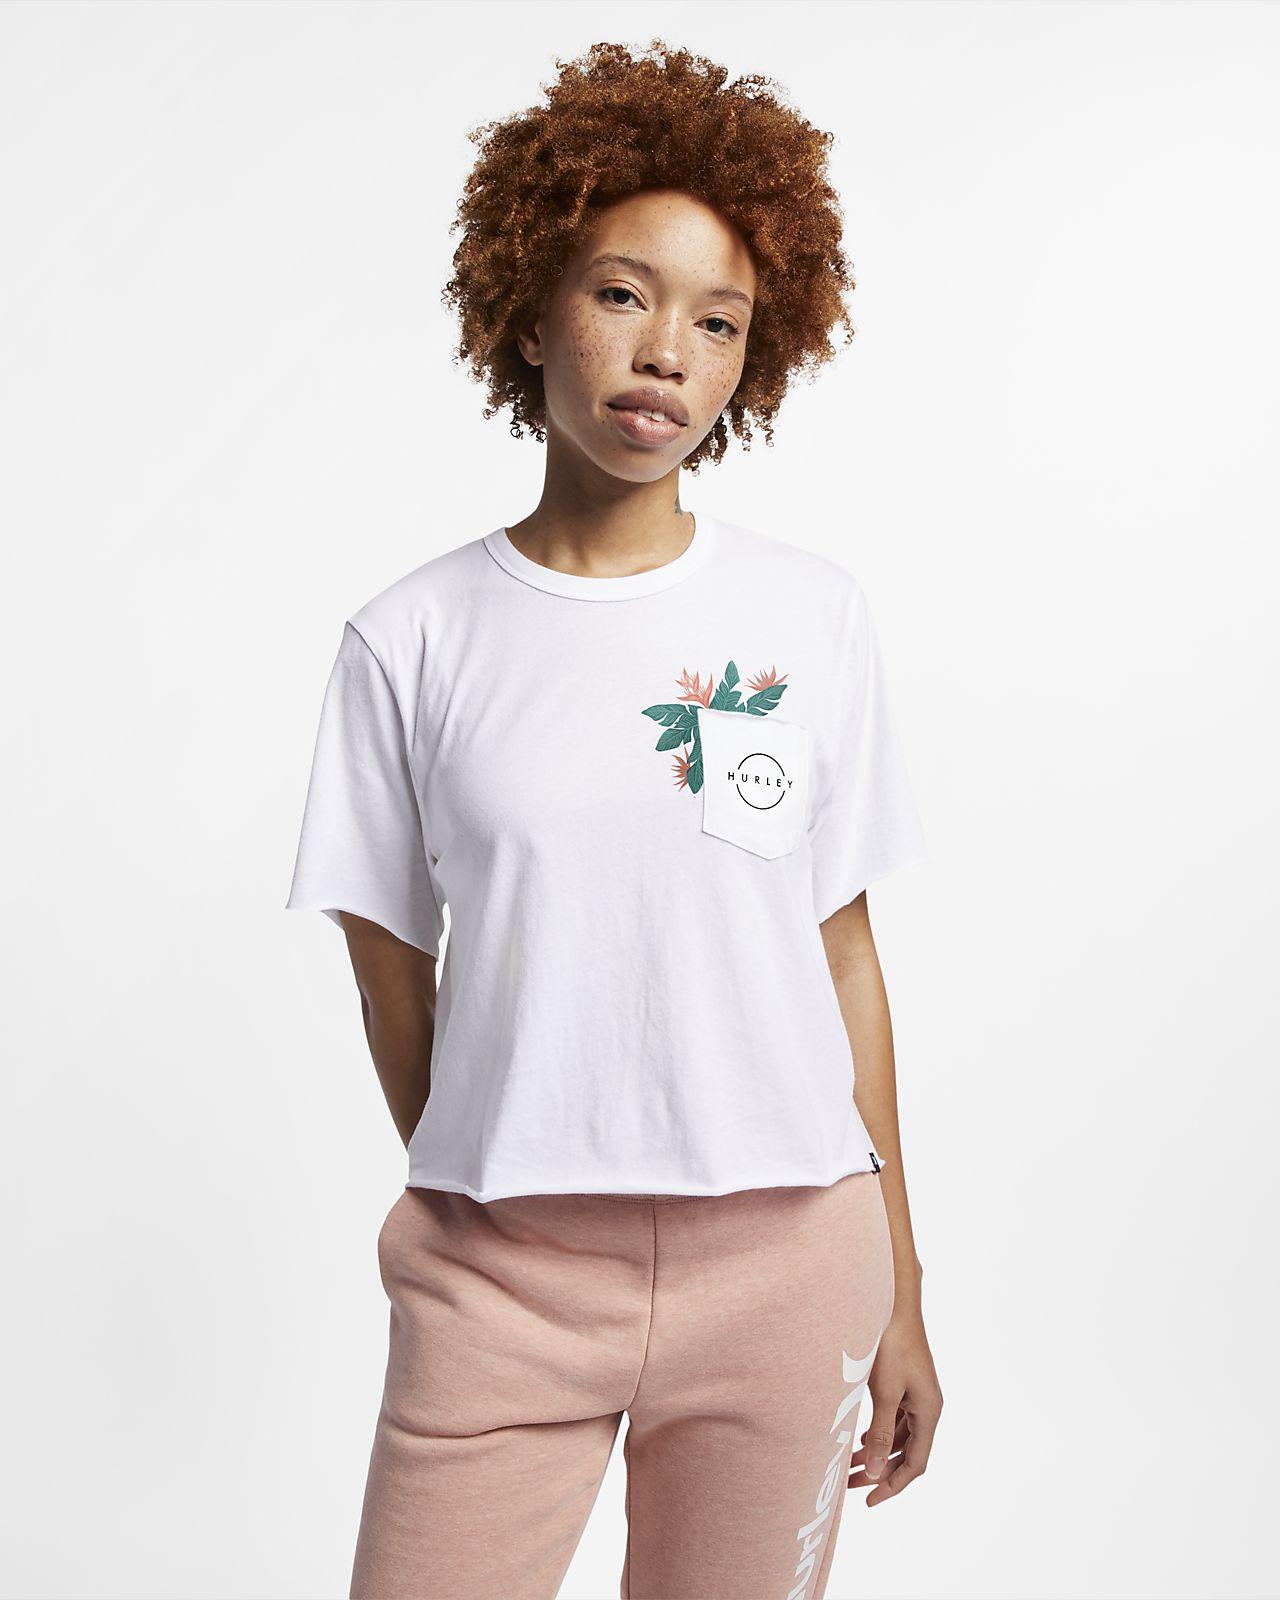 Hurley Hanoi Pocket Kort T-shirt voor dames